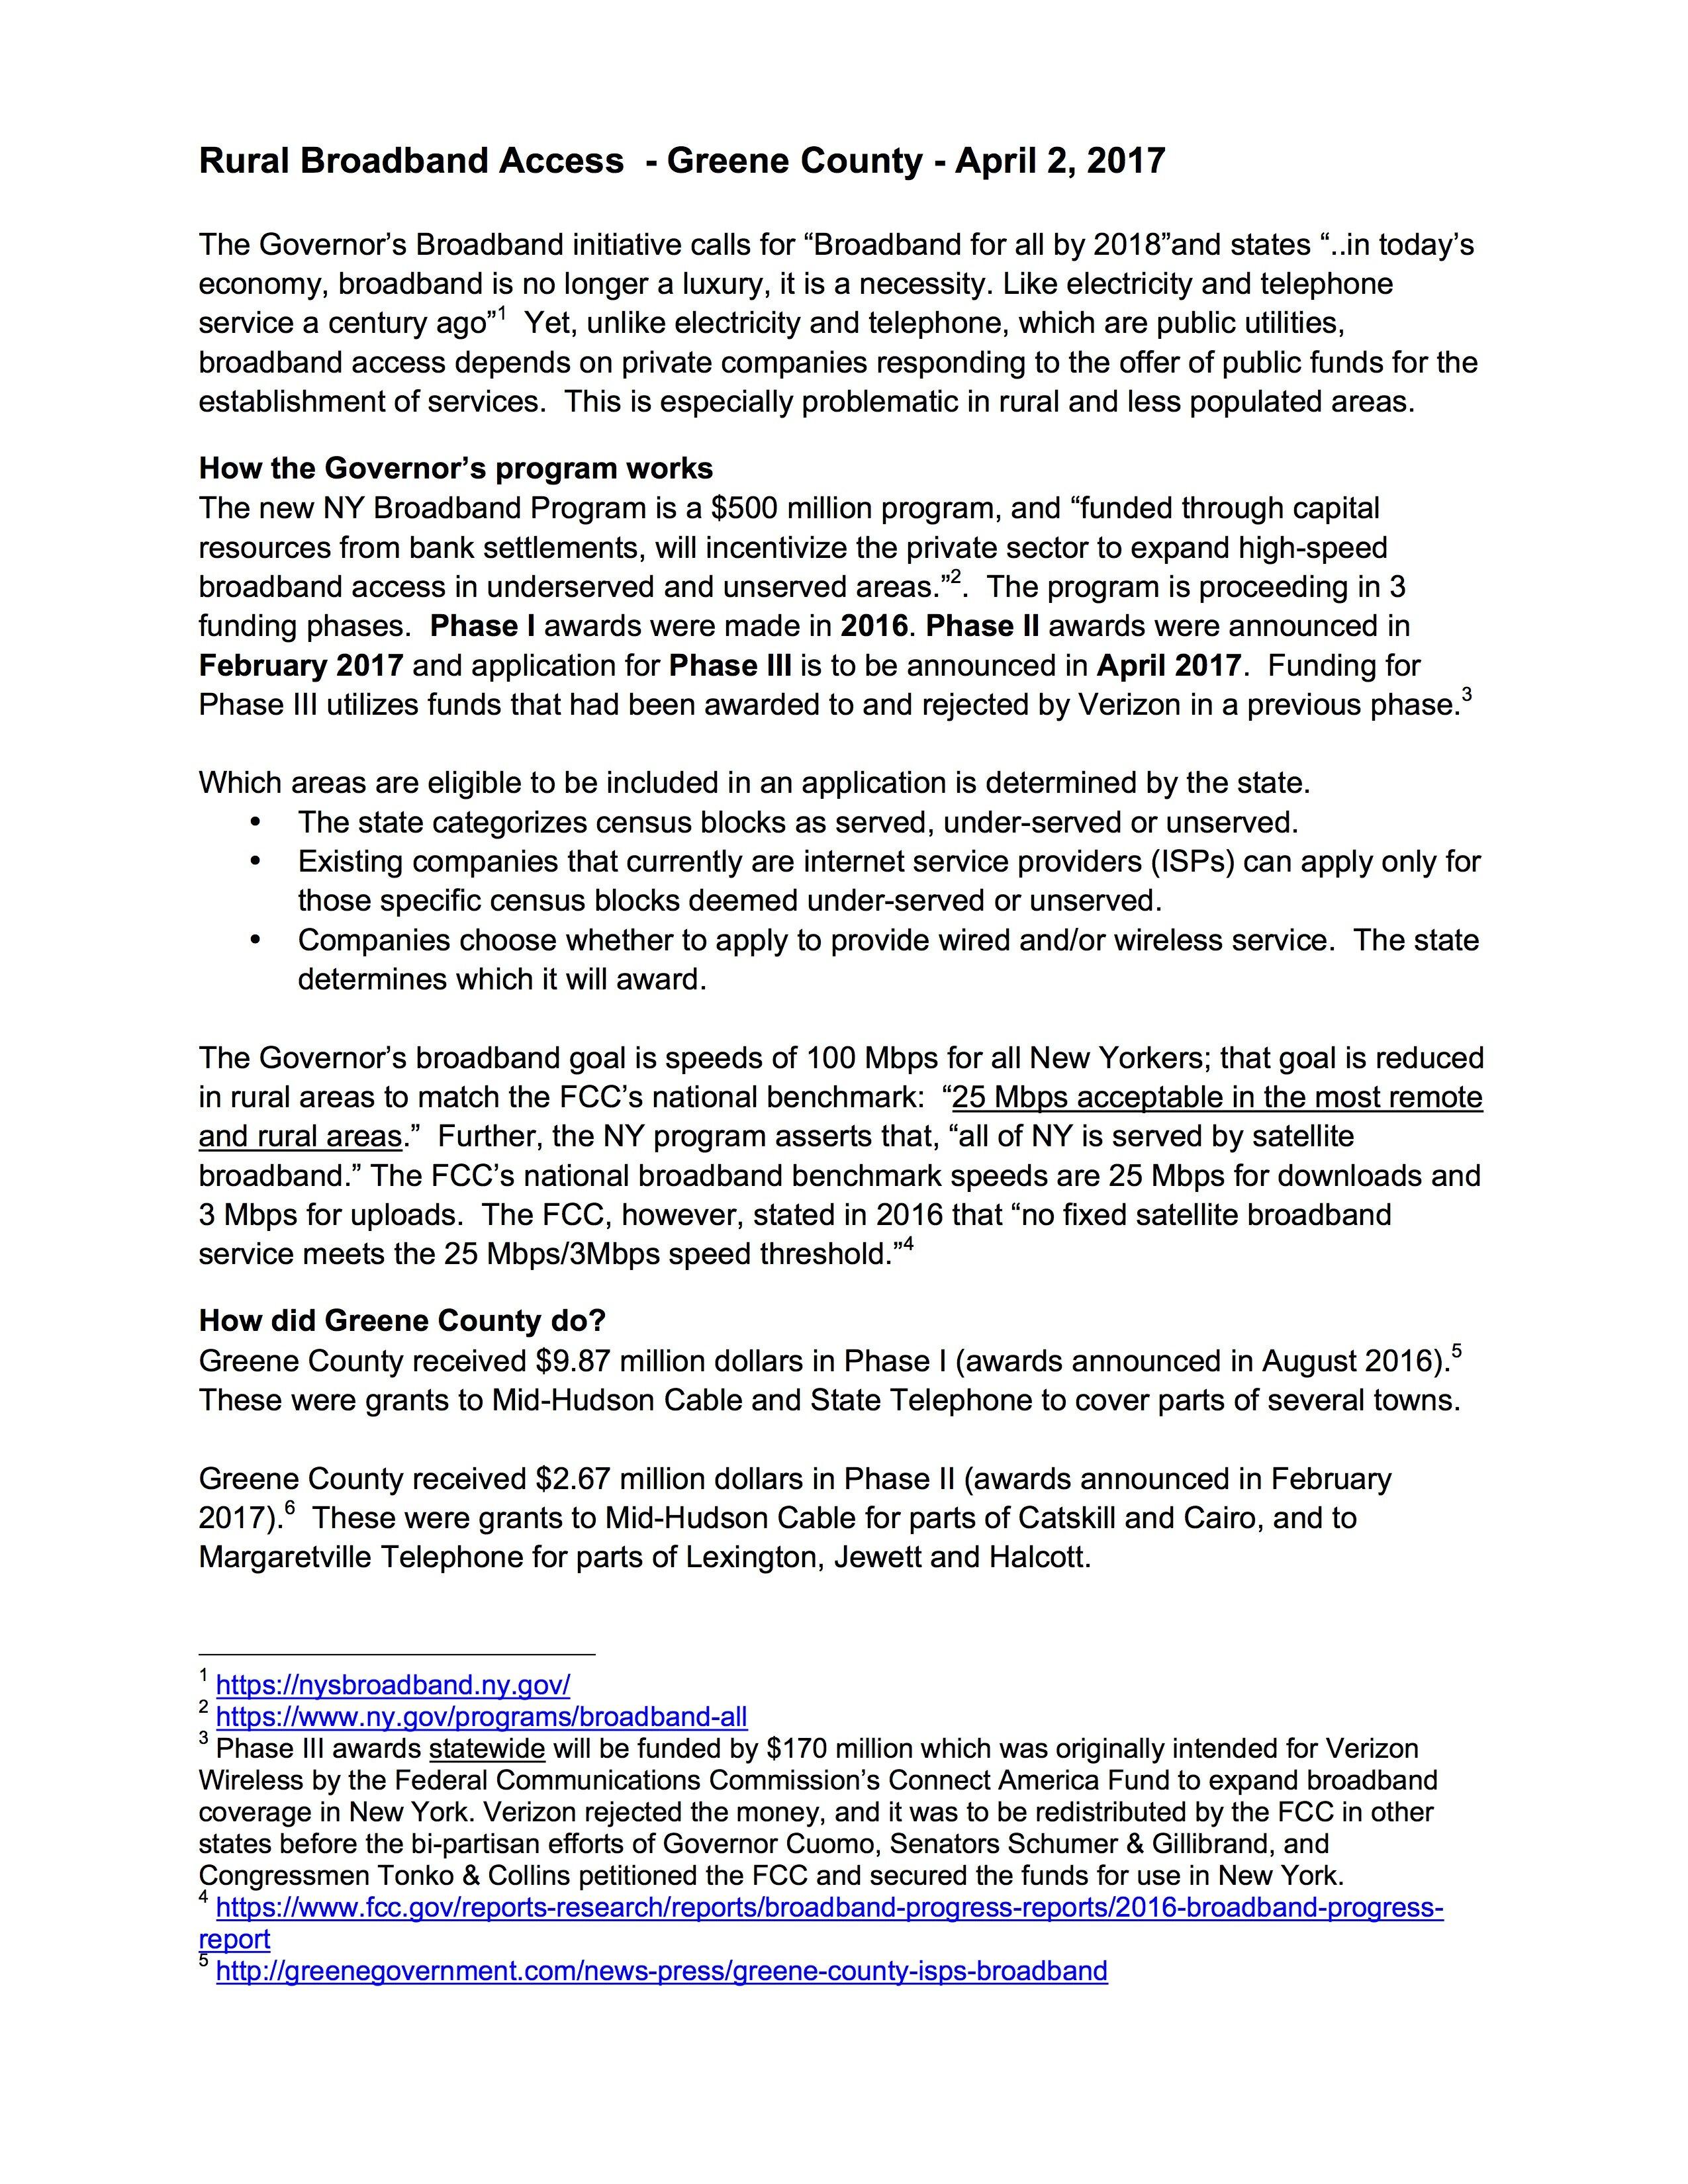 Rev4_Rural_Broadband_Access_20170402